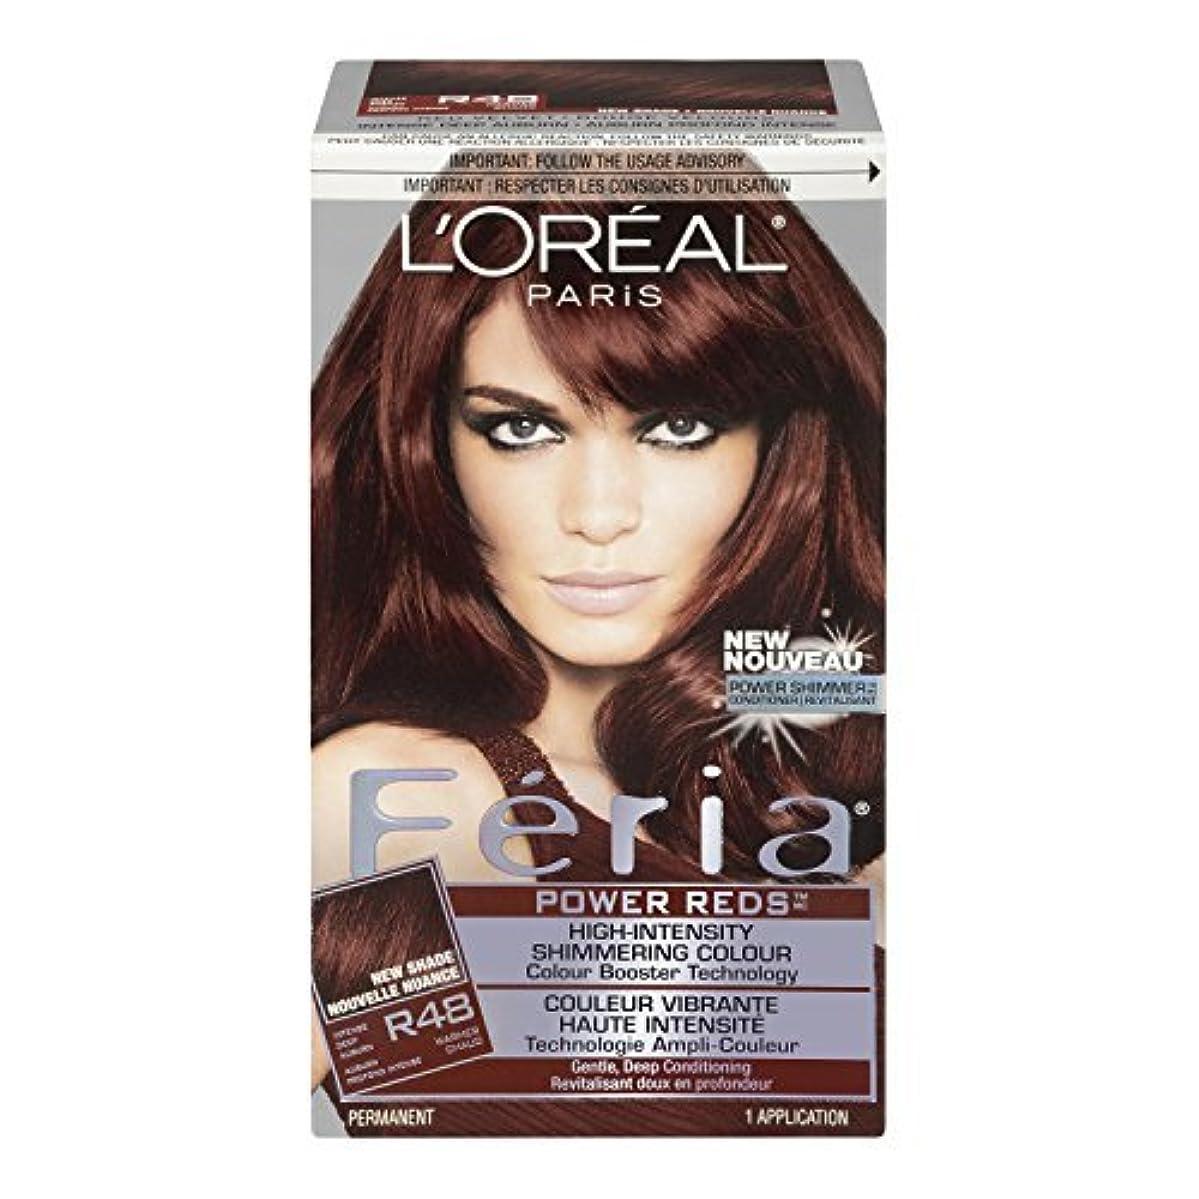 郡割り当てできればL'Oreal Feria Power Reds Hair Color, R48 Intense Deep Auburn/Red Velvet by L'Oreal Paris Hair Color [並行輸入品]